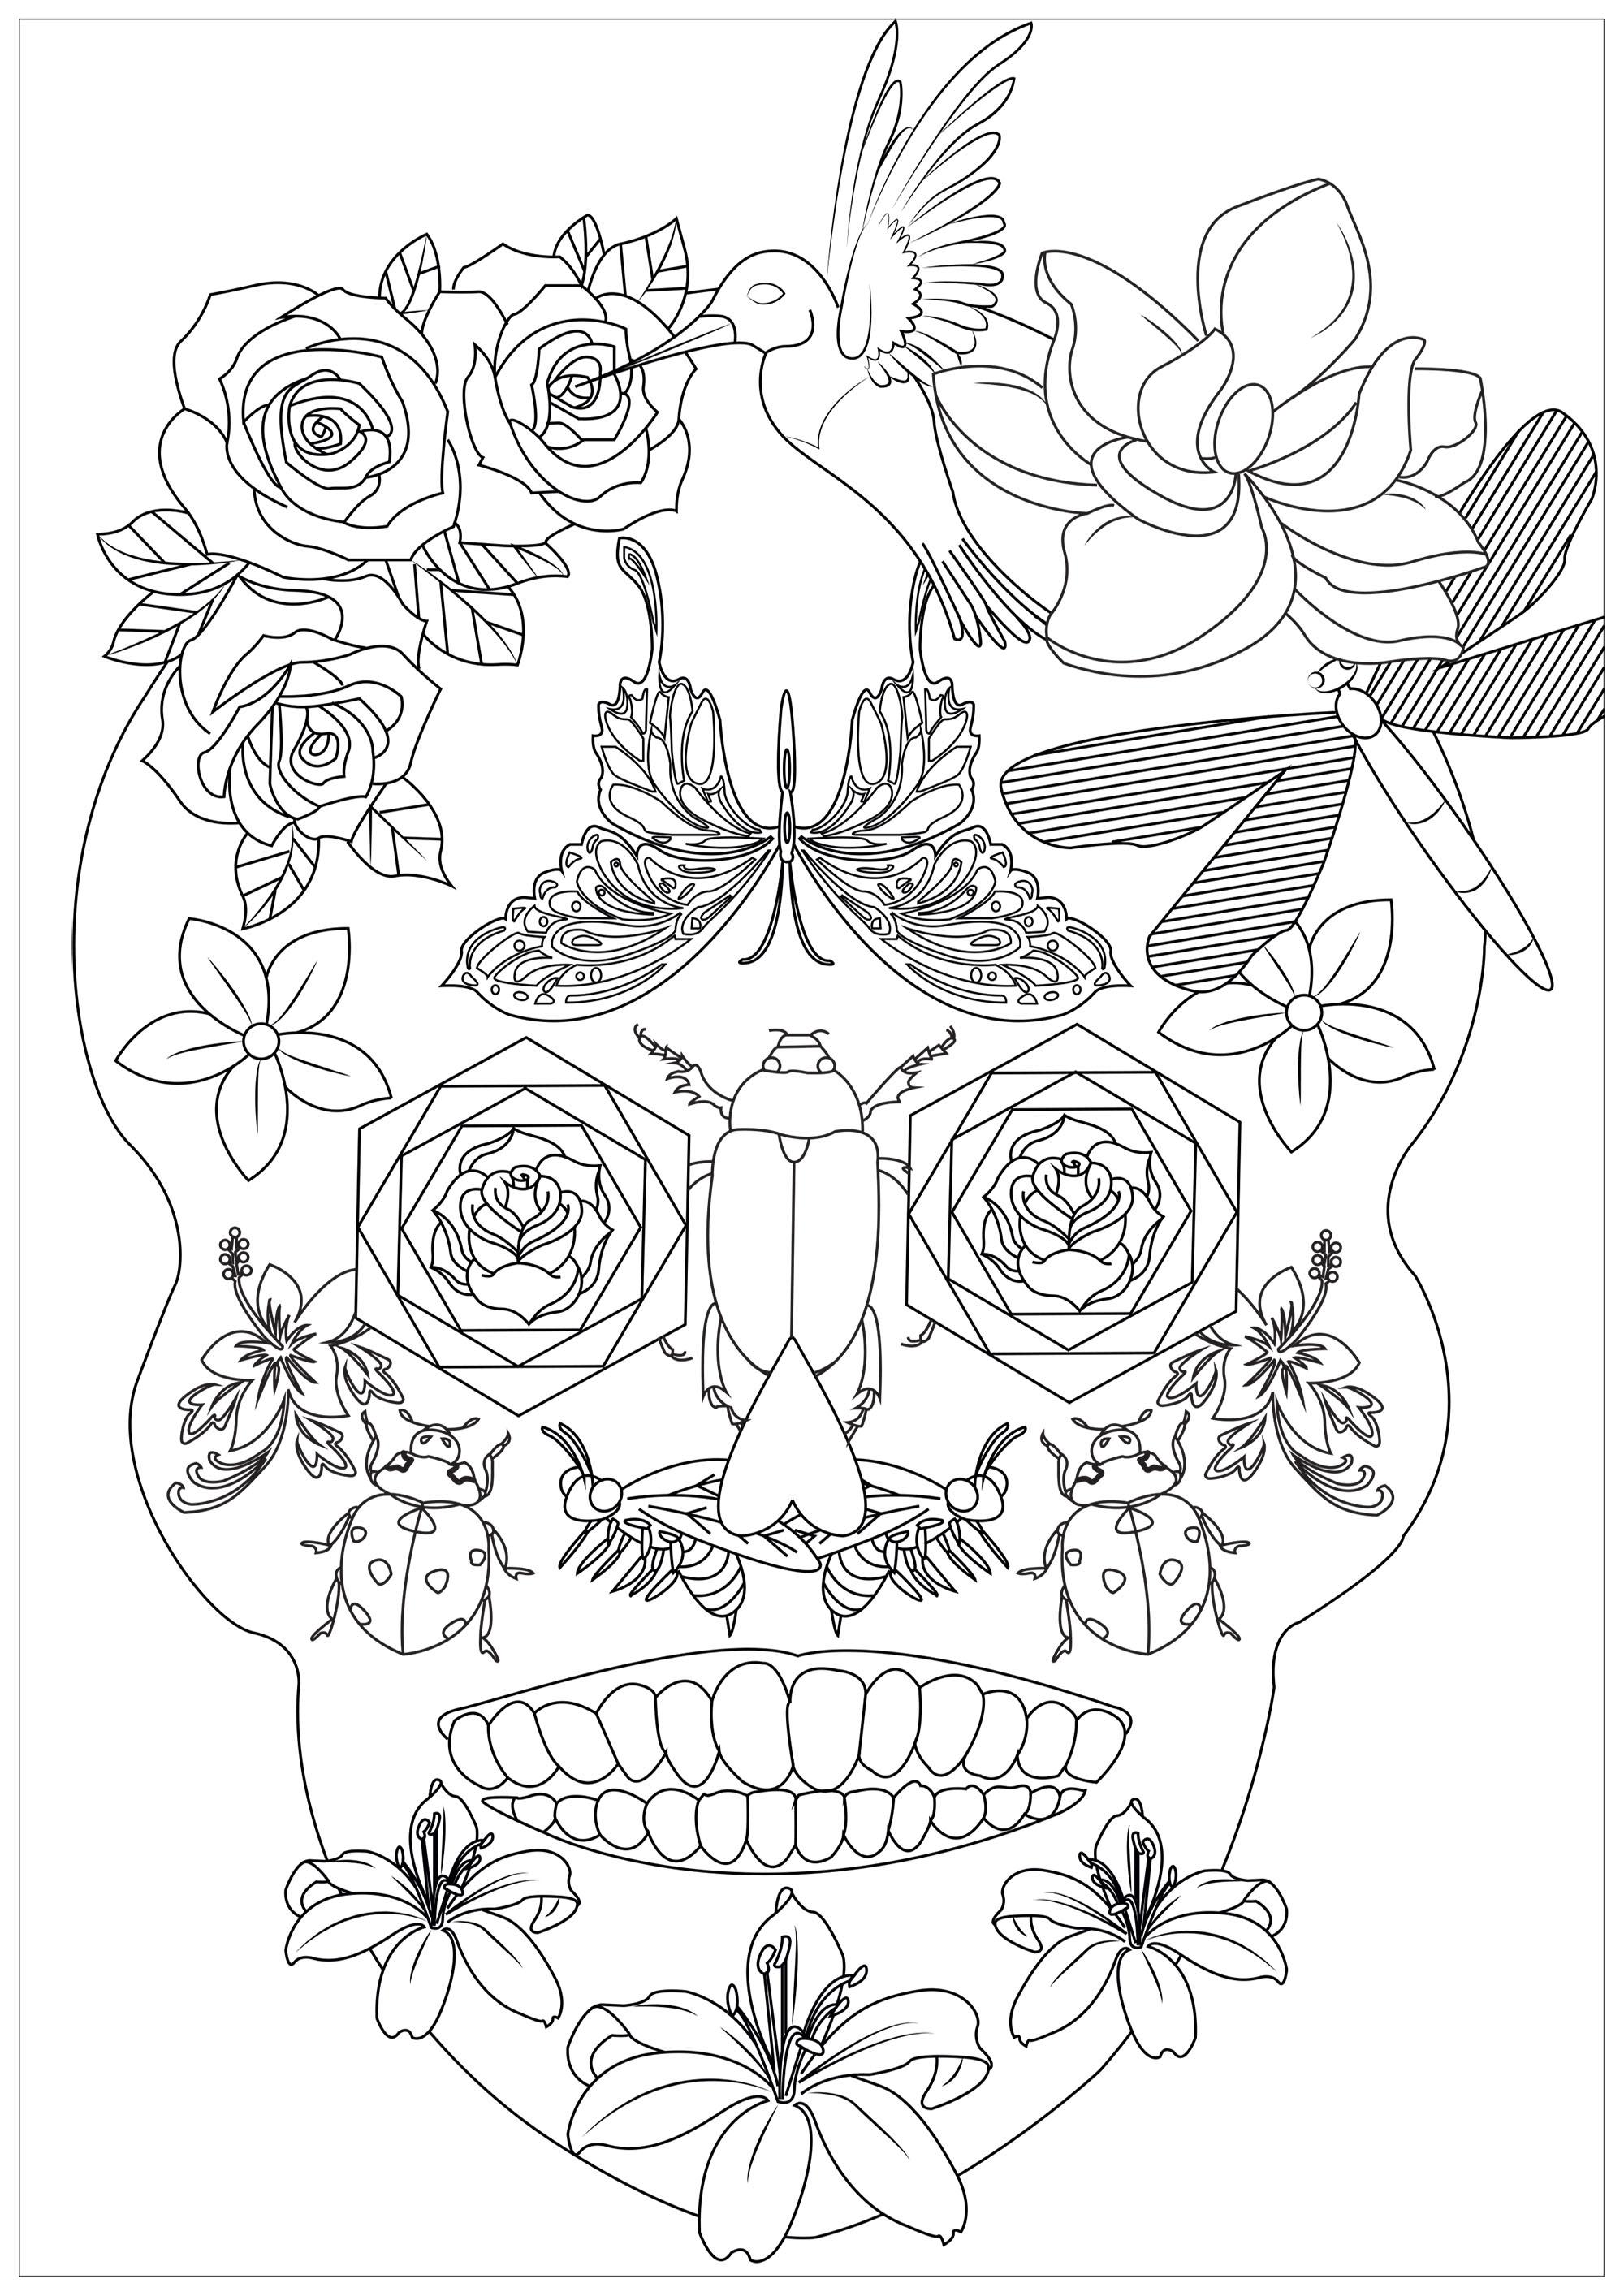 Un étrange crâne plein d'insectes et mêmes de fleurs et d'oiseaux, semblant tout droit sortis d'une paisible prairie.